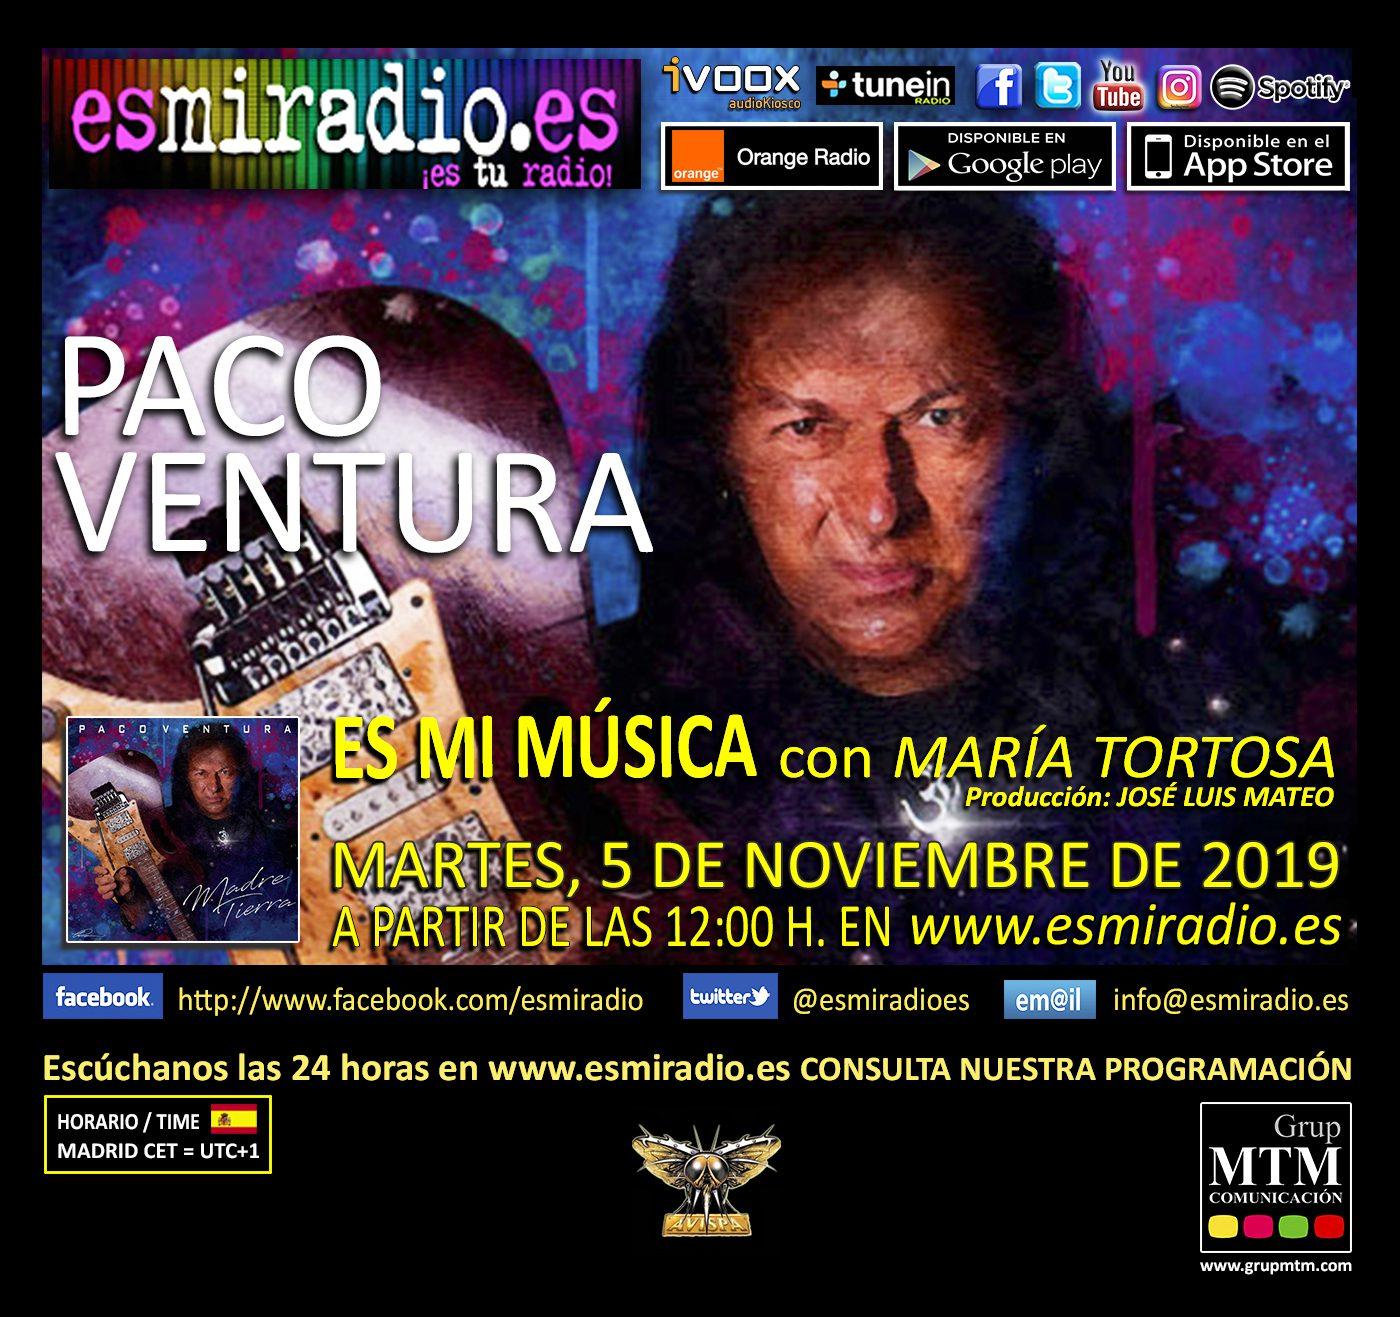 Paco Ventura esmiradio